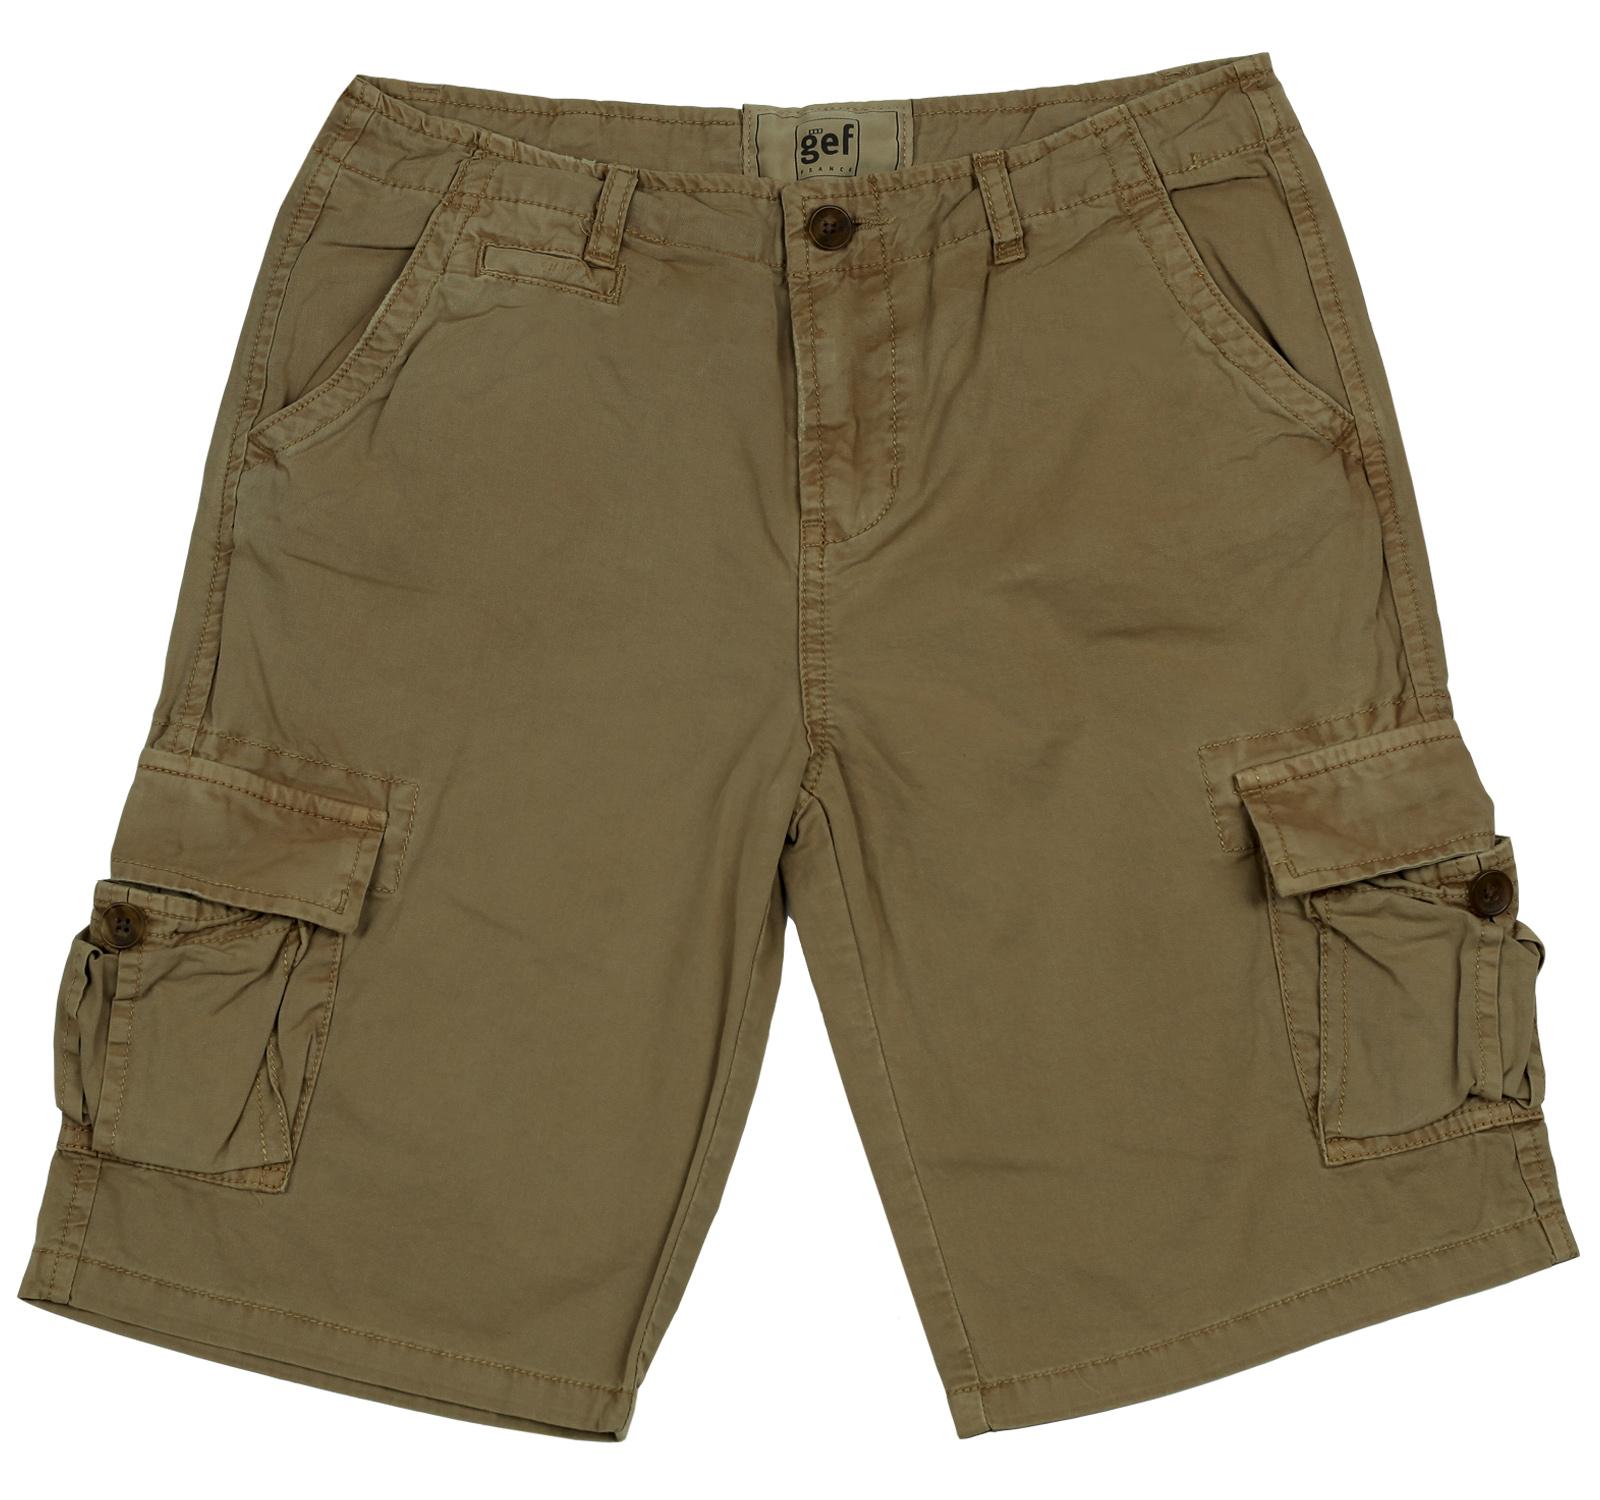 Мужские шорты Gef из натурального хлопка. Эксклюзивная модель!